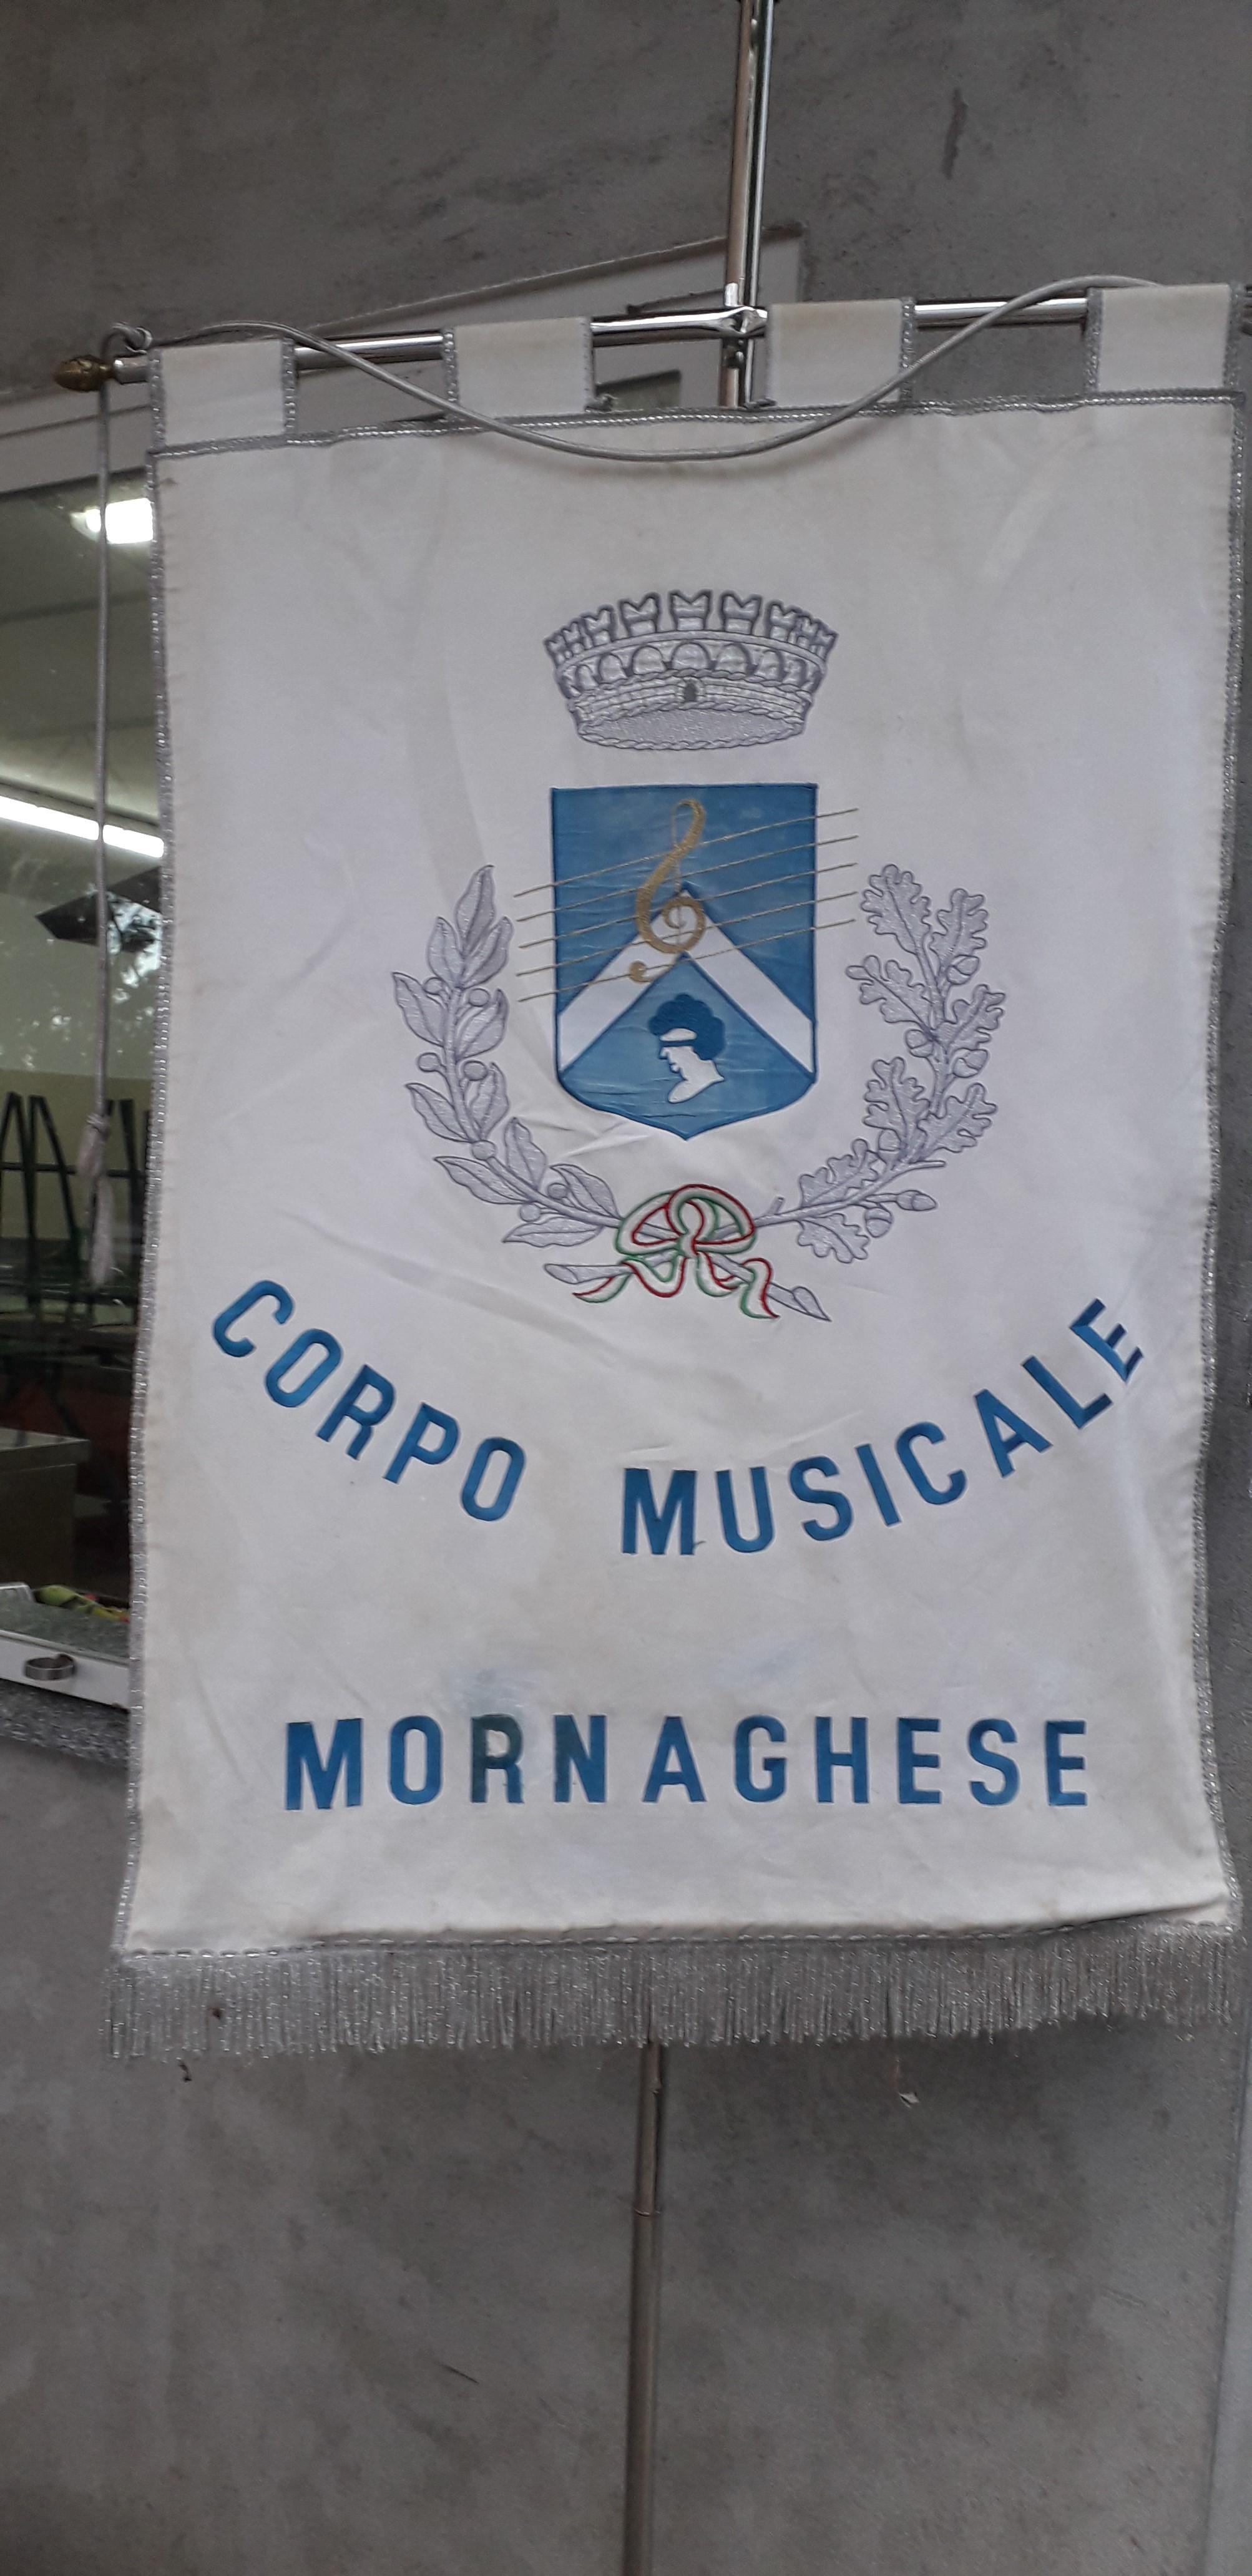 Mornago: corpo musicale mornaghese